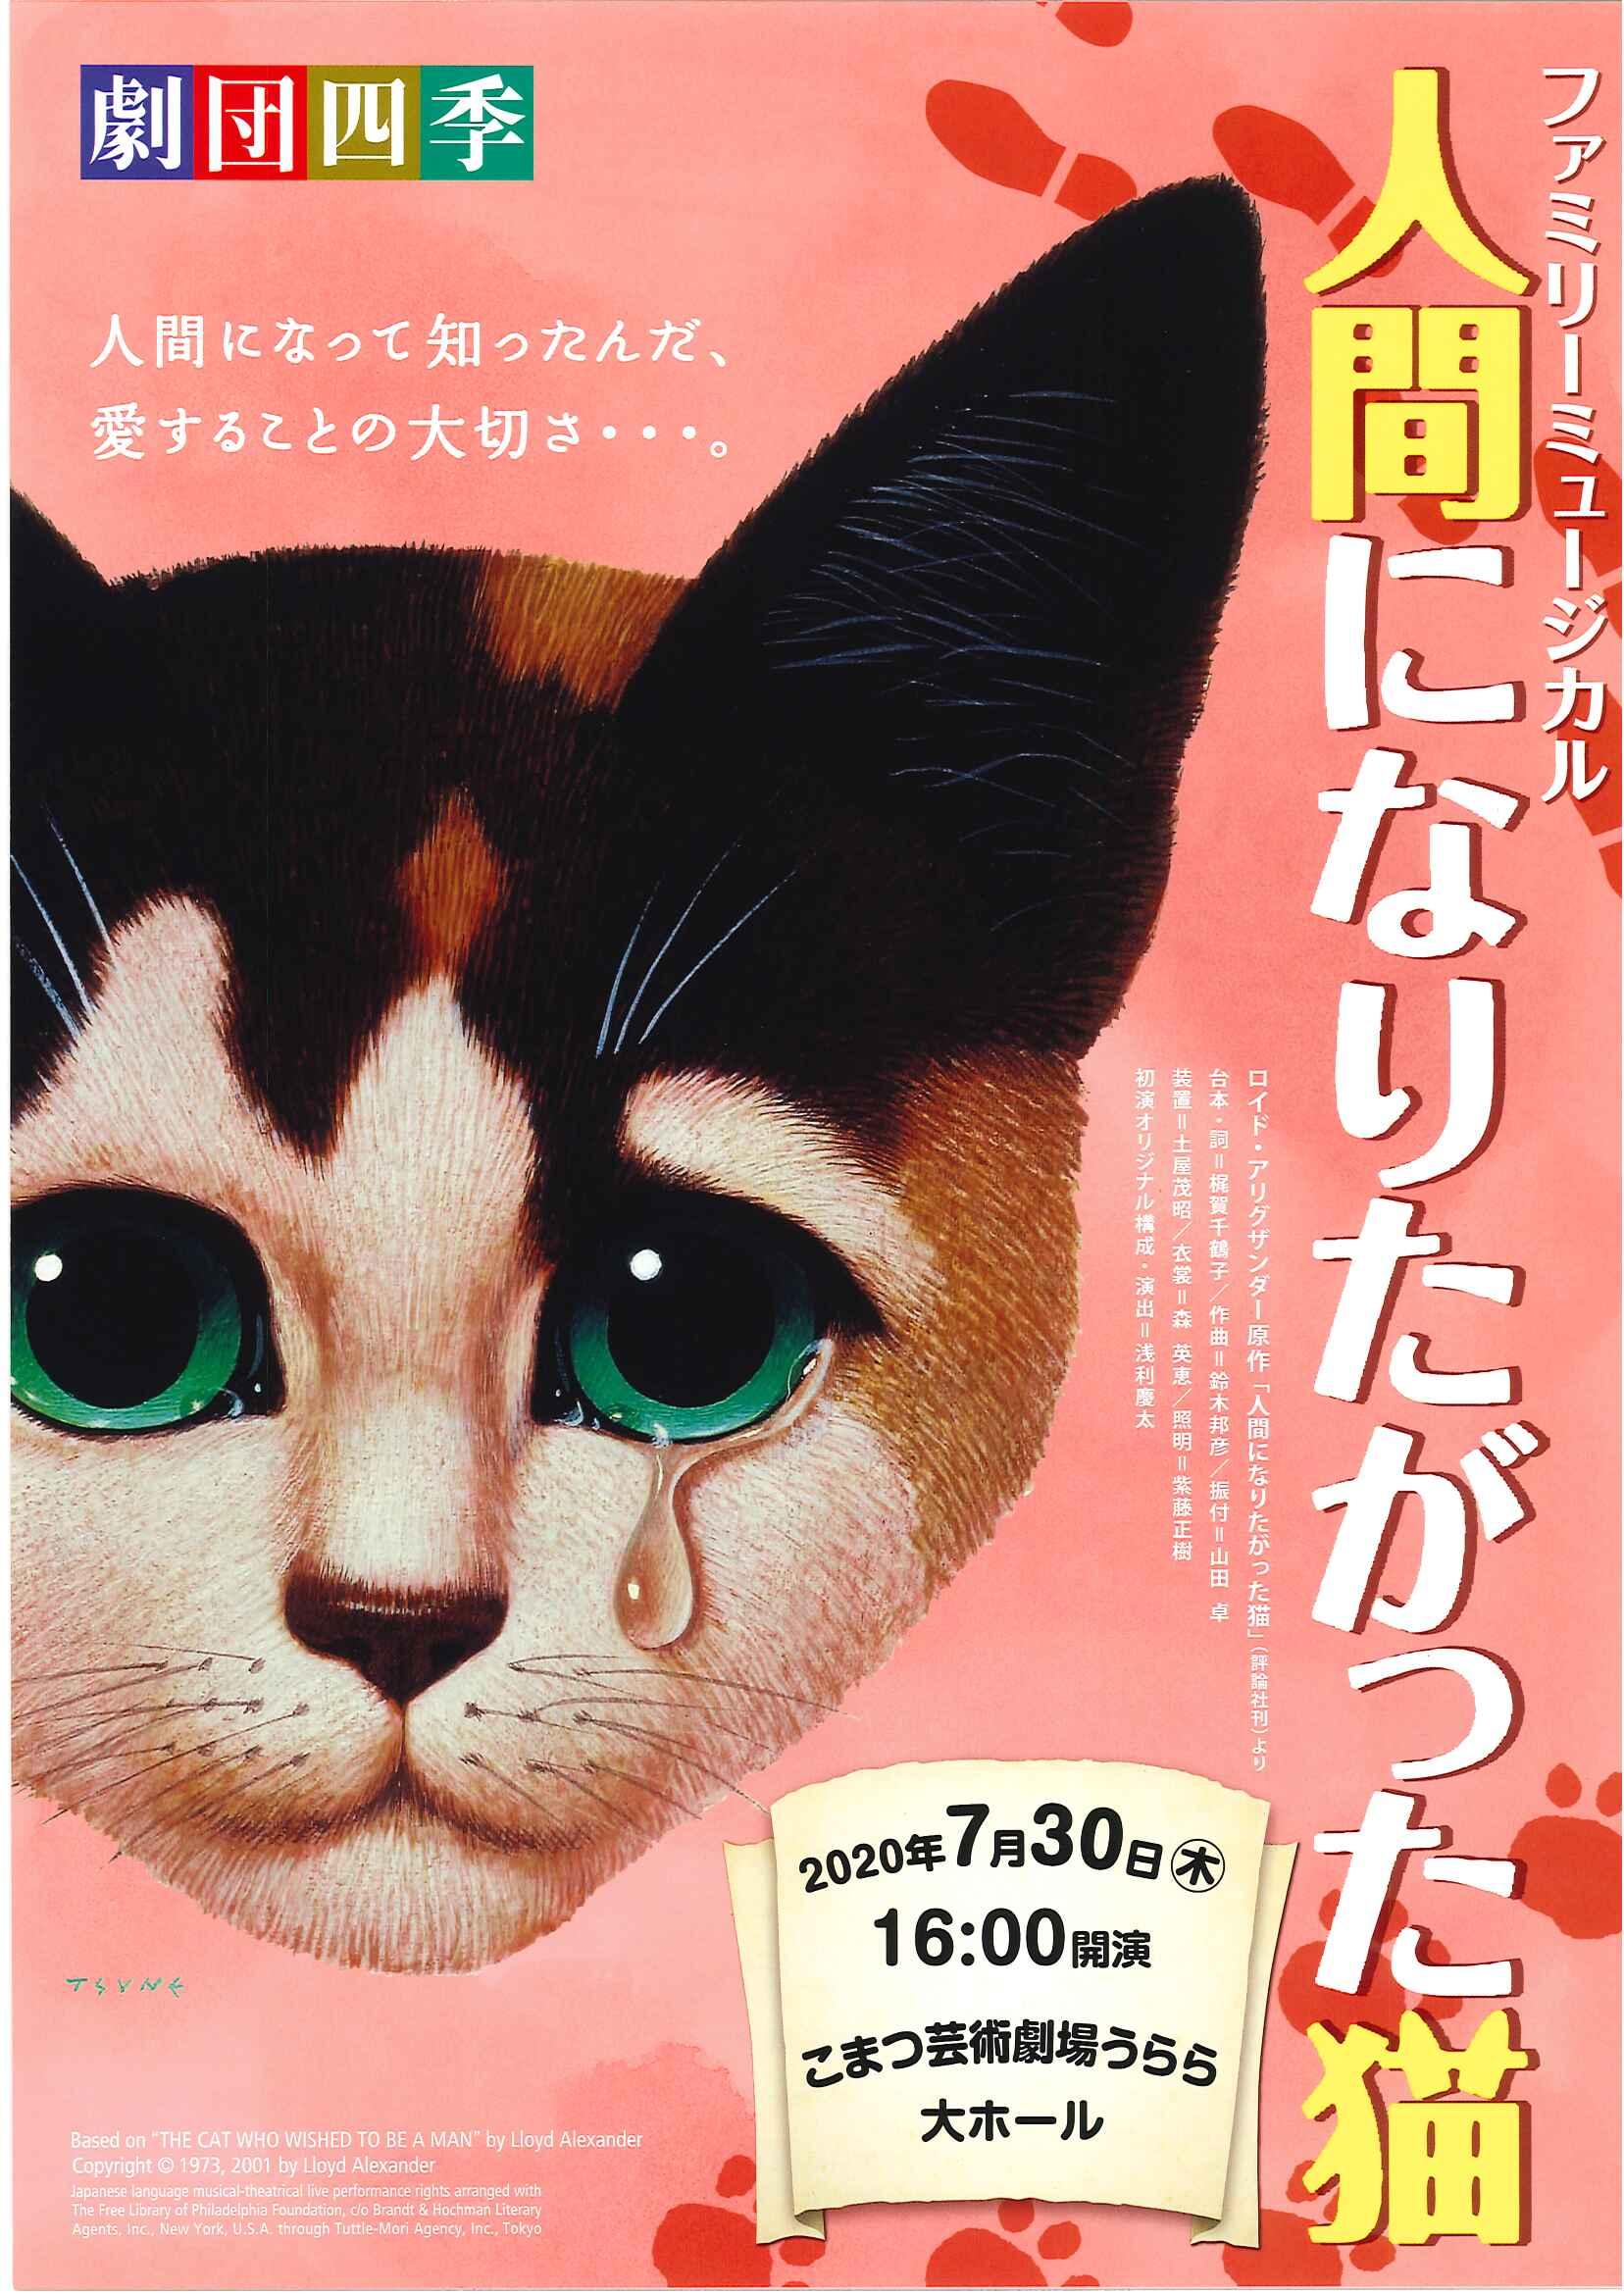 再開 劇団 四季 『キャッツ』東京公演 1/8(金)より上演再開のお知らせ インフォメーション 劇団四季